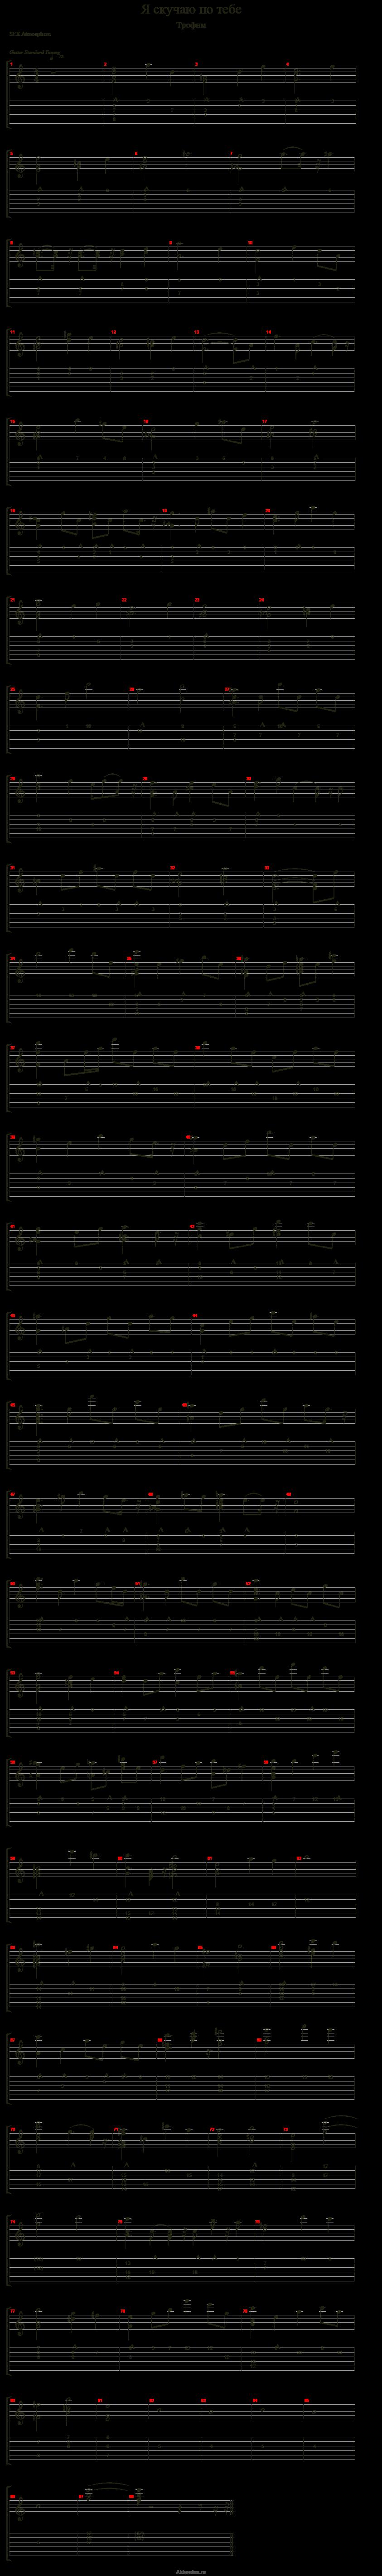 песни трофима с аккордами в pdf